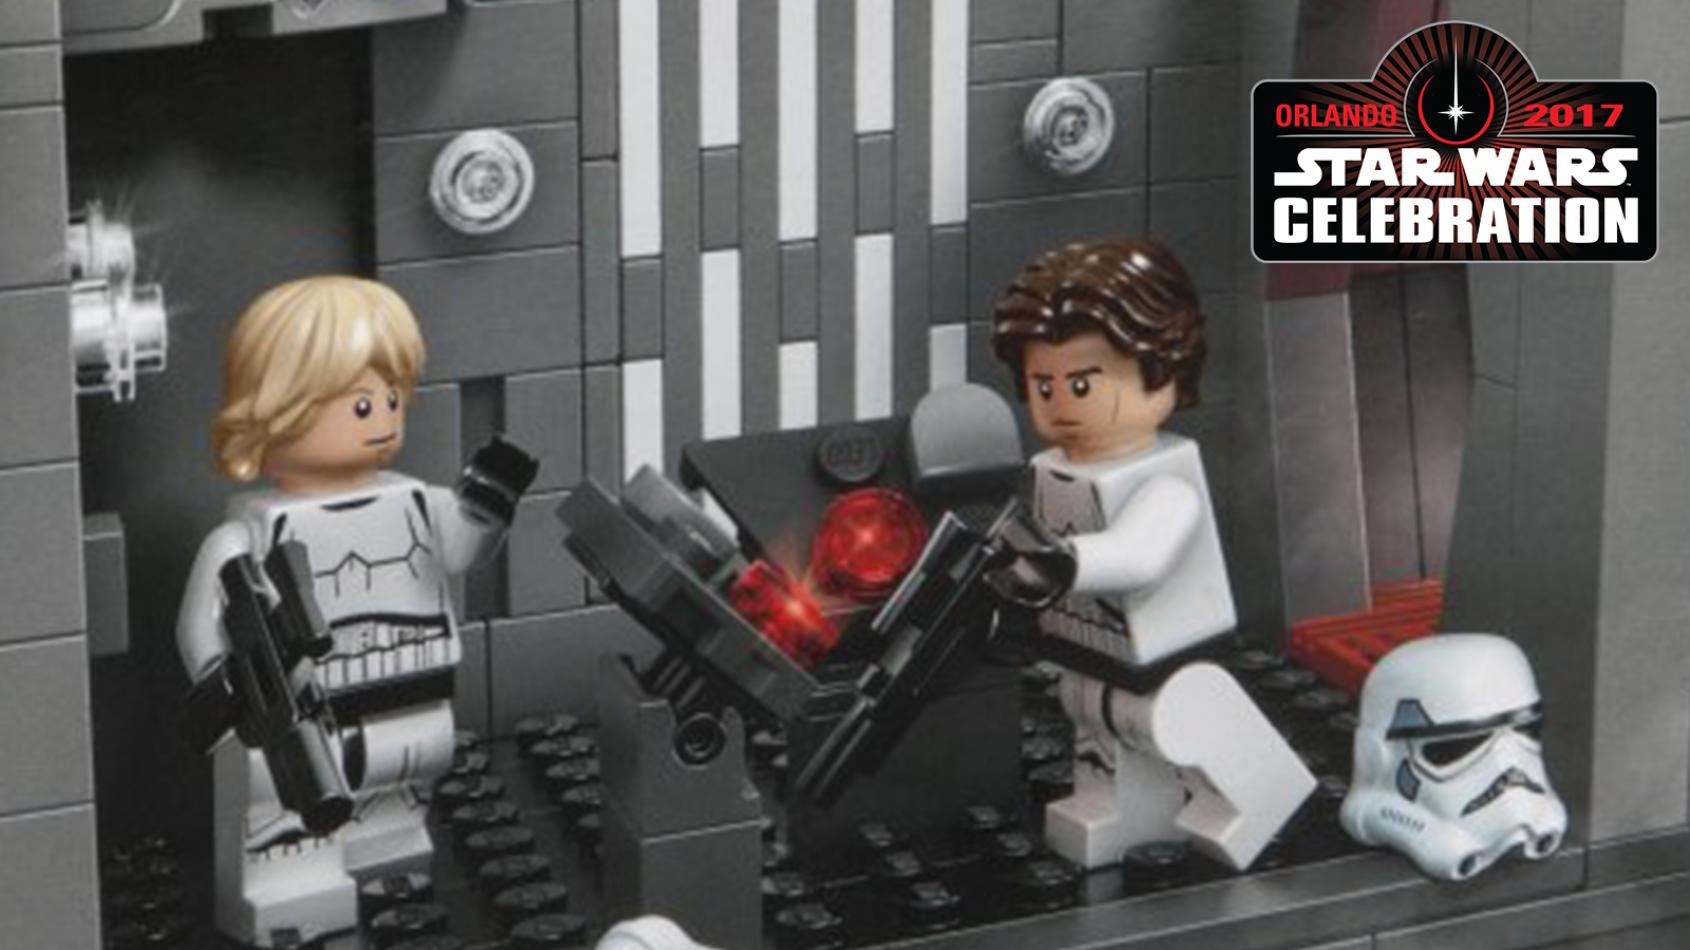 Loterie exclusive LEGO à la Star Wars Celebration !